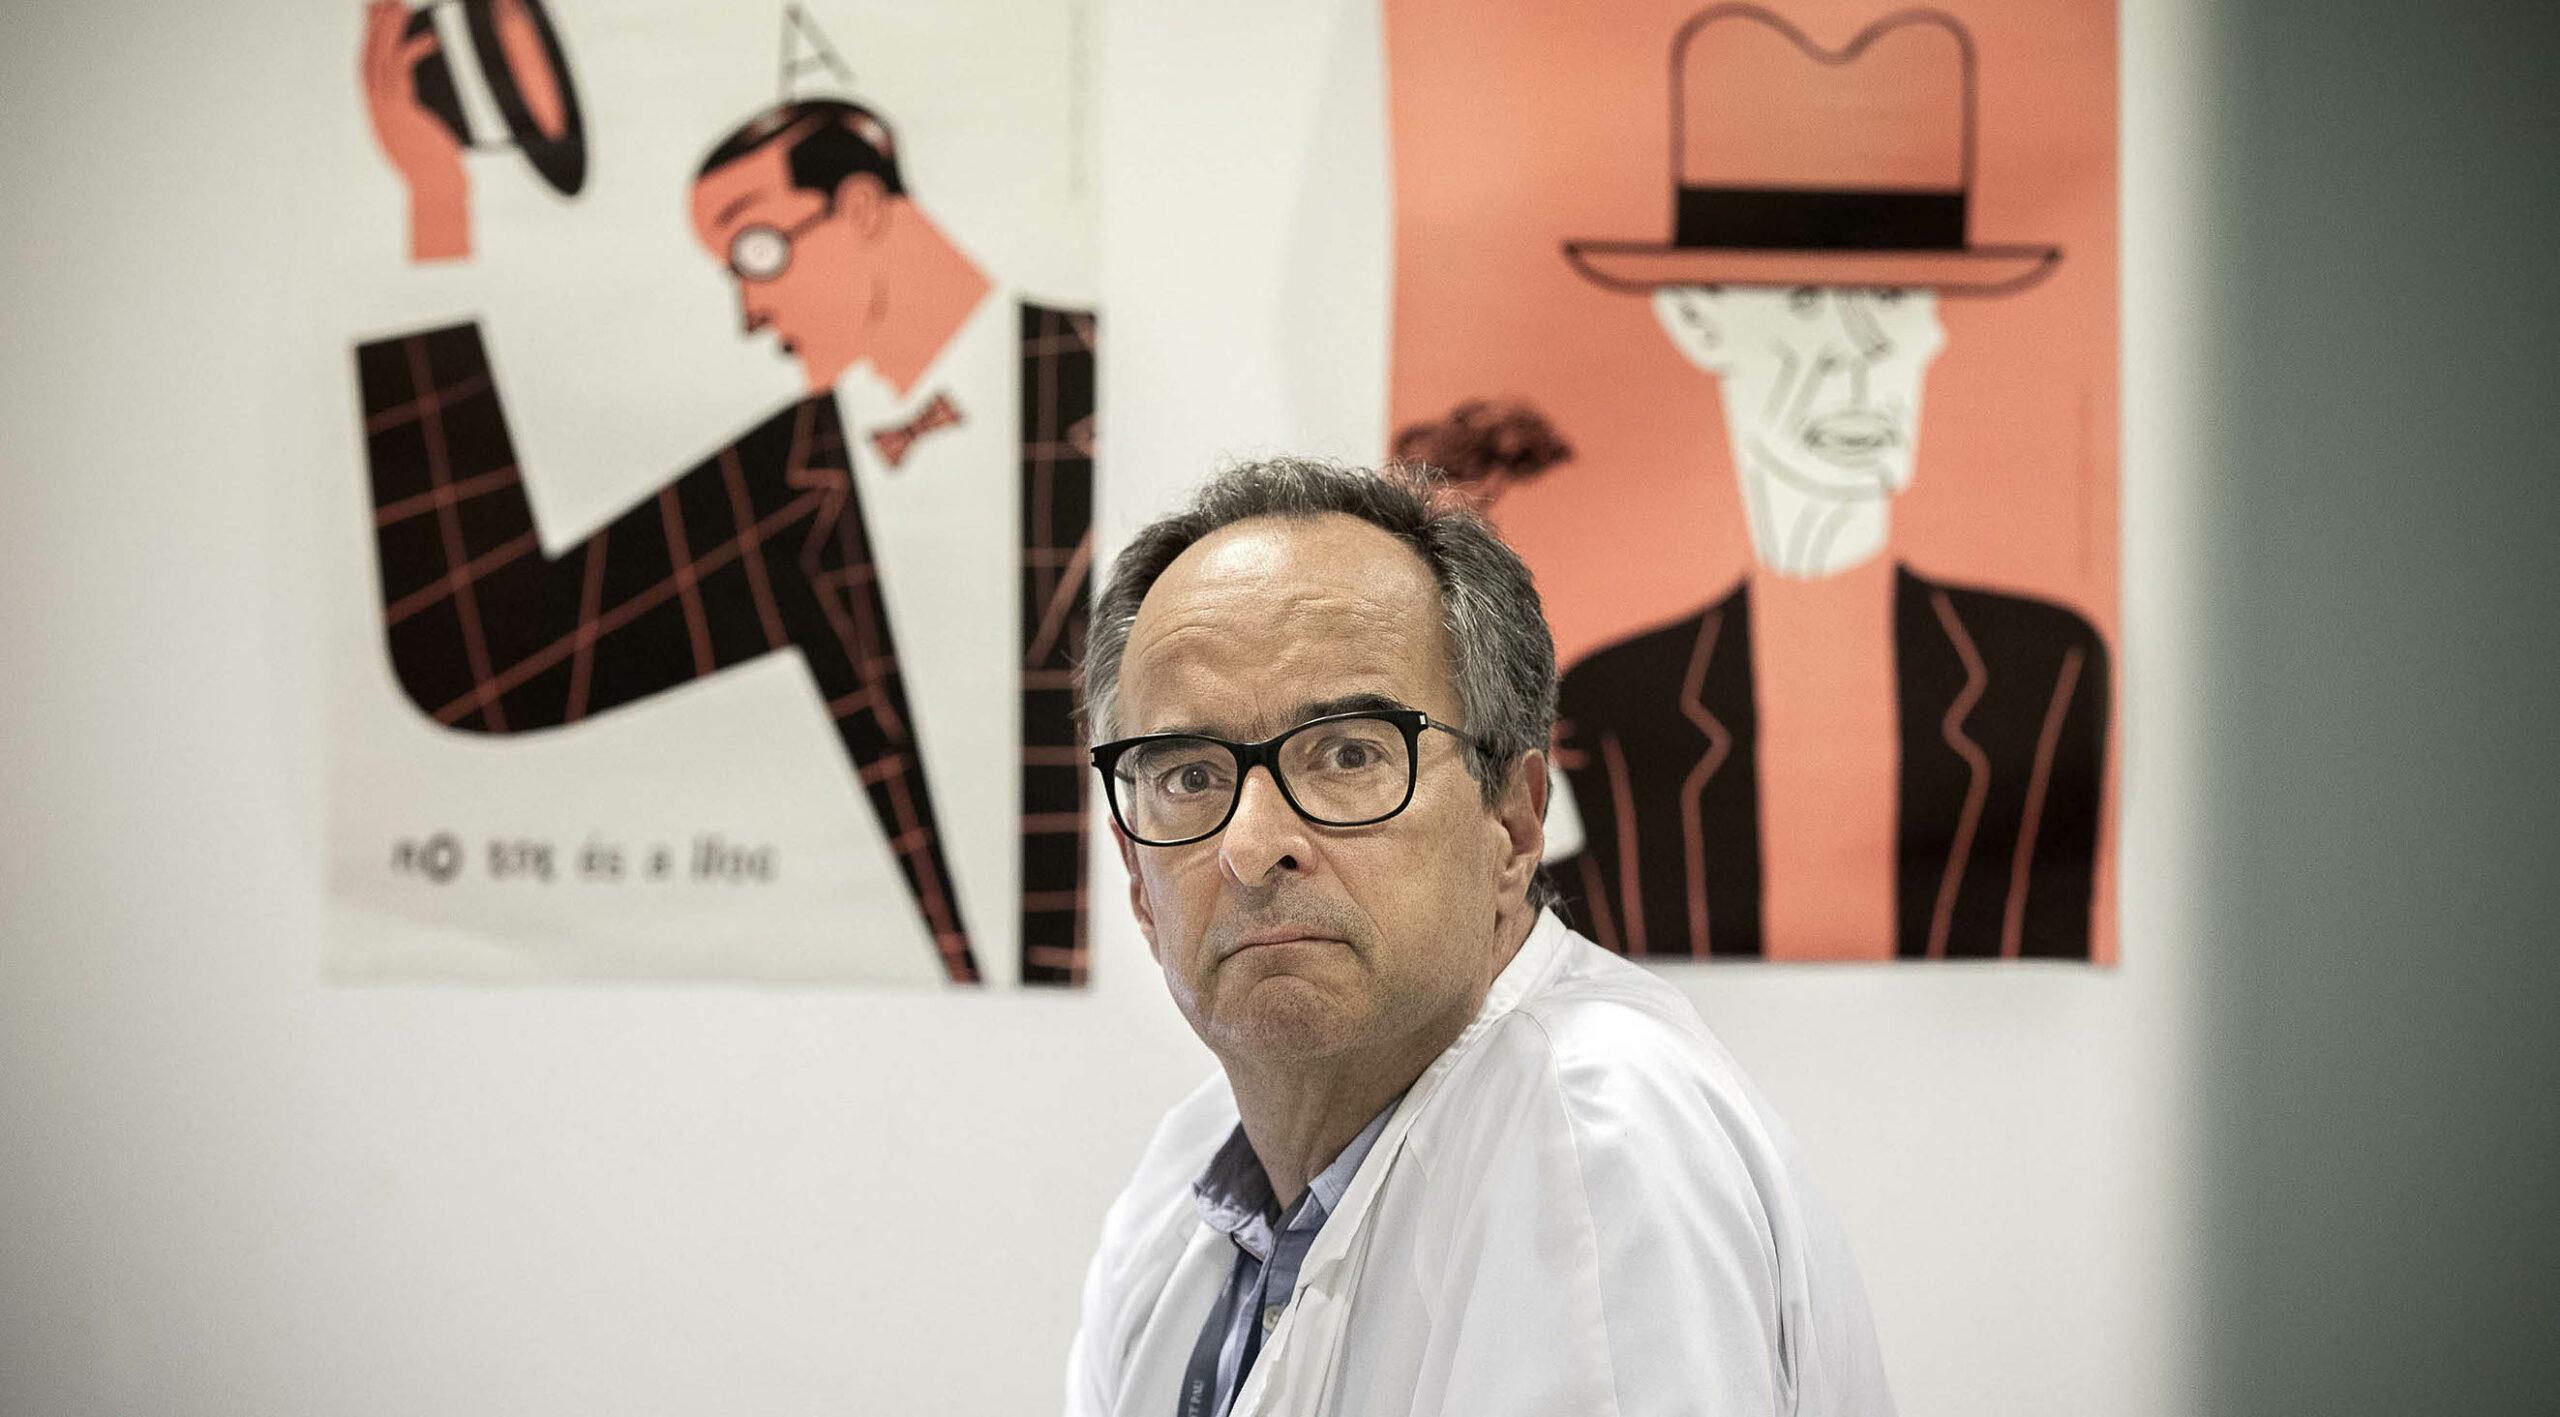 Joaquín López-Contreras, cap clínic de la Unitat de Malalties infeccioses de l'Hospital Sant Pau, abans de l'entrevista / Jordi Play